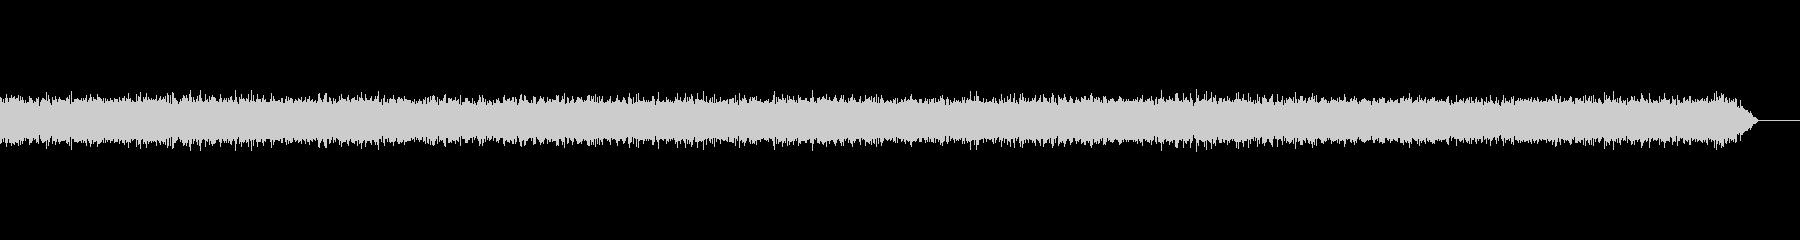 ヘビーマシンワール、A / Cハム。の未再生の波形